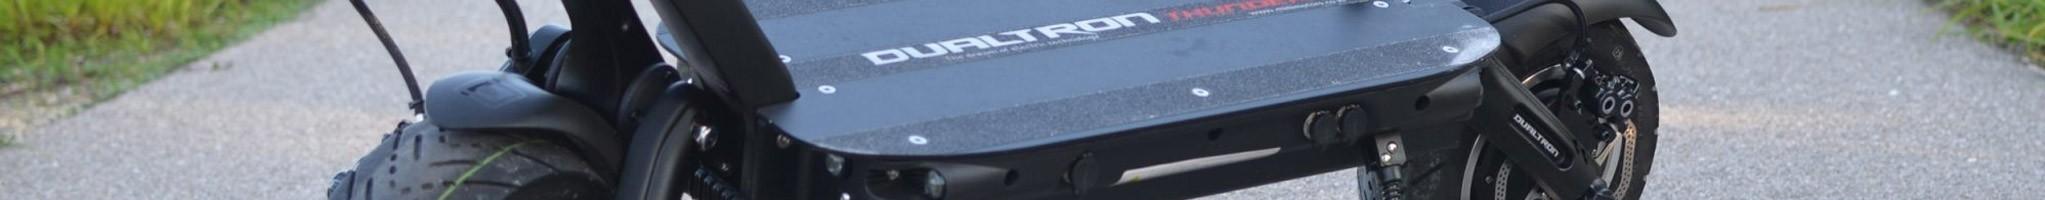 Comprar patinete eléctrico | New Energy Mobility su tienda online de eMobility con los mejores precios